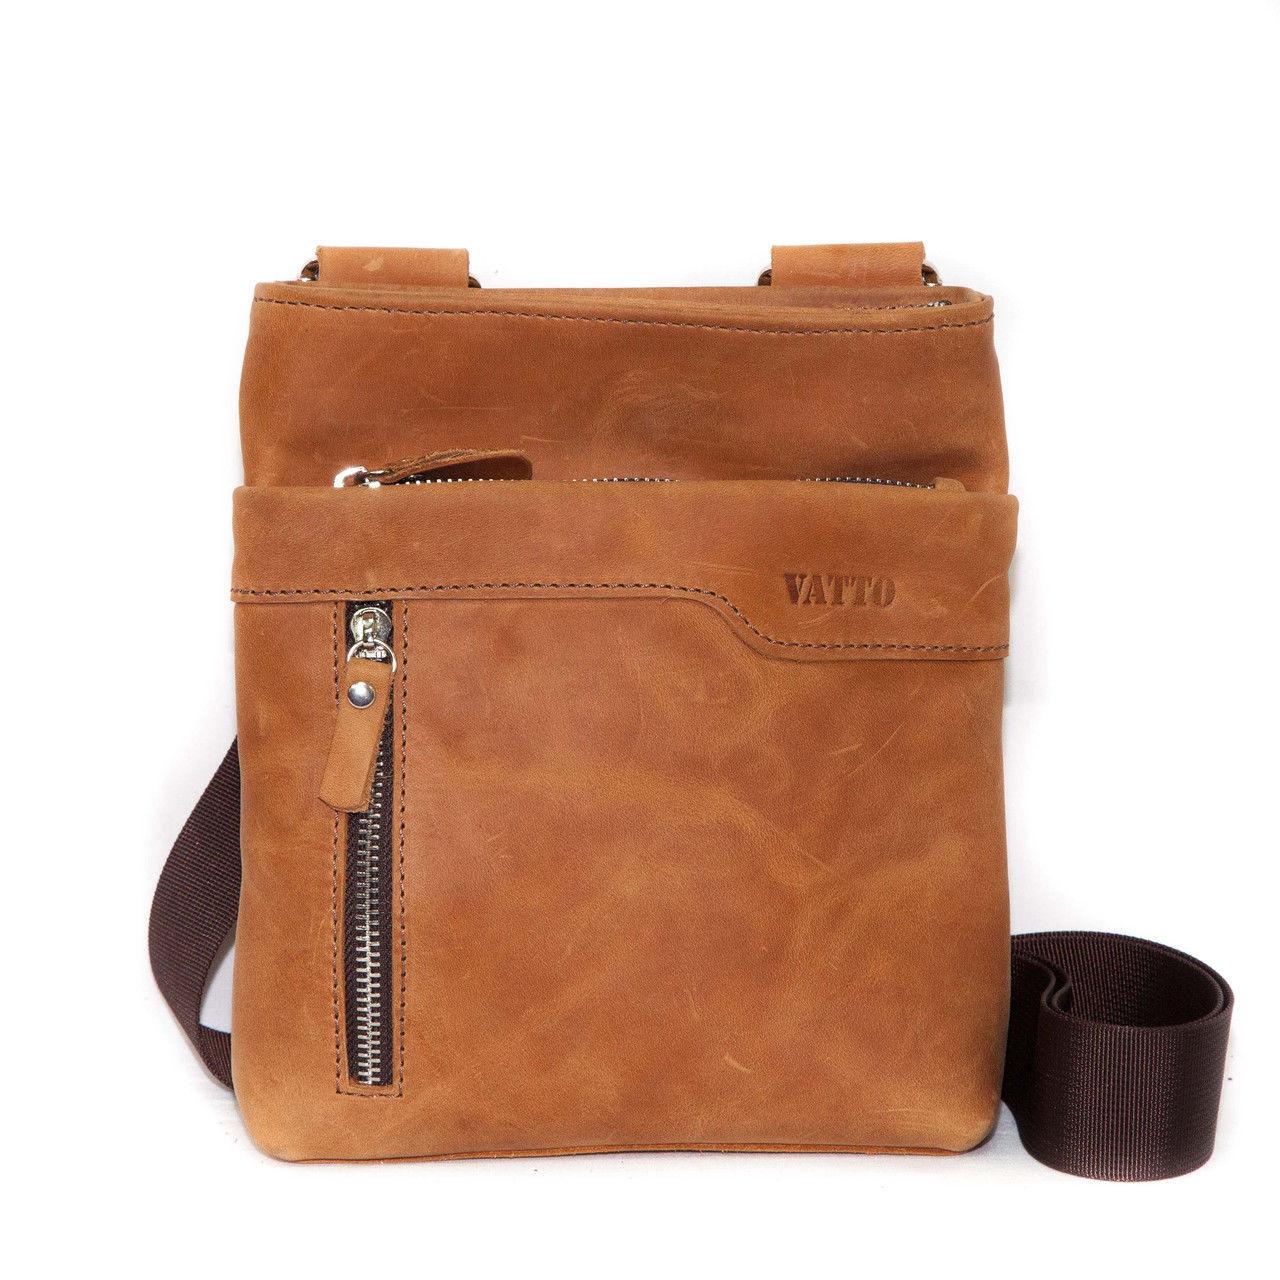 c5dce693edfd Мужская сумка Mk13Kr200 VATTO кожаная рыжая — купить в Киеве недорого